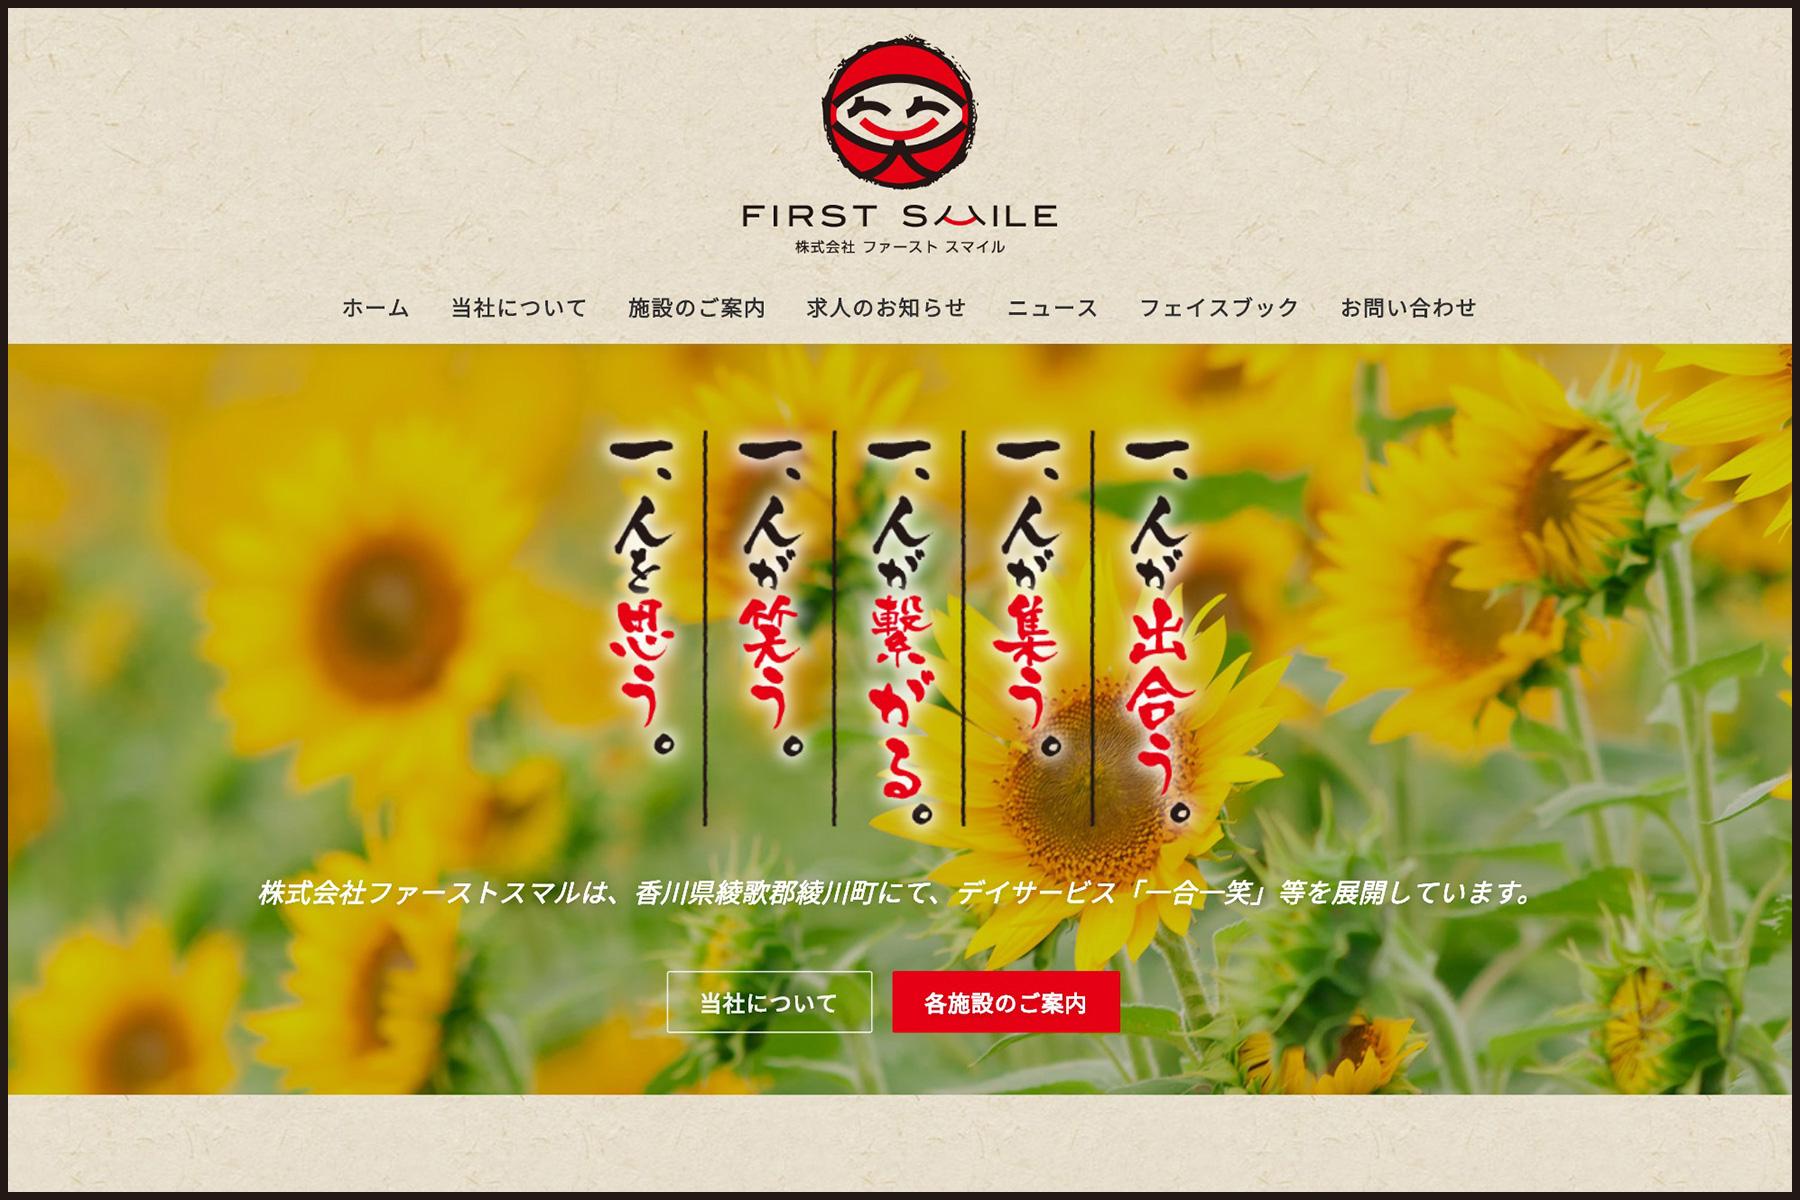 綾川のデイサービス 株式会社ファーストスマイル サイトイメージ